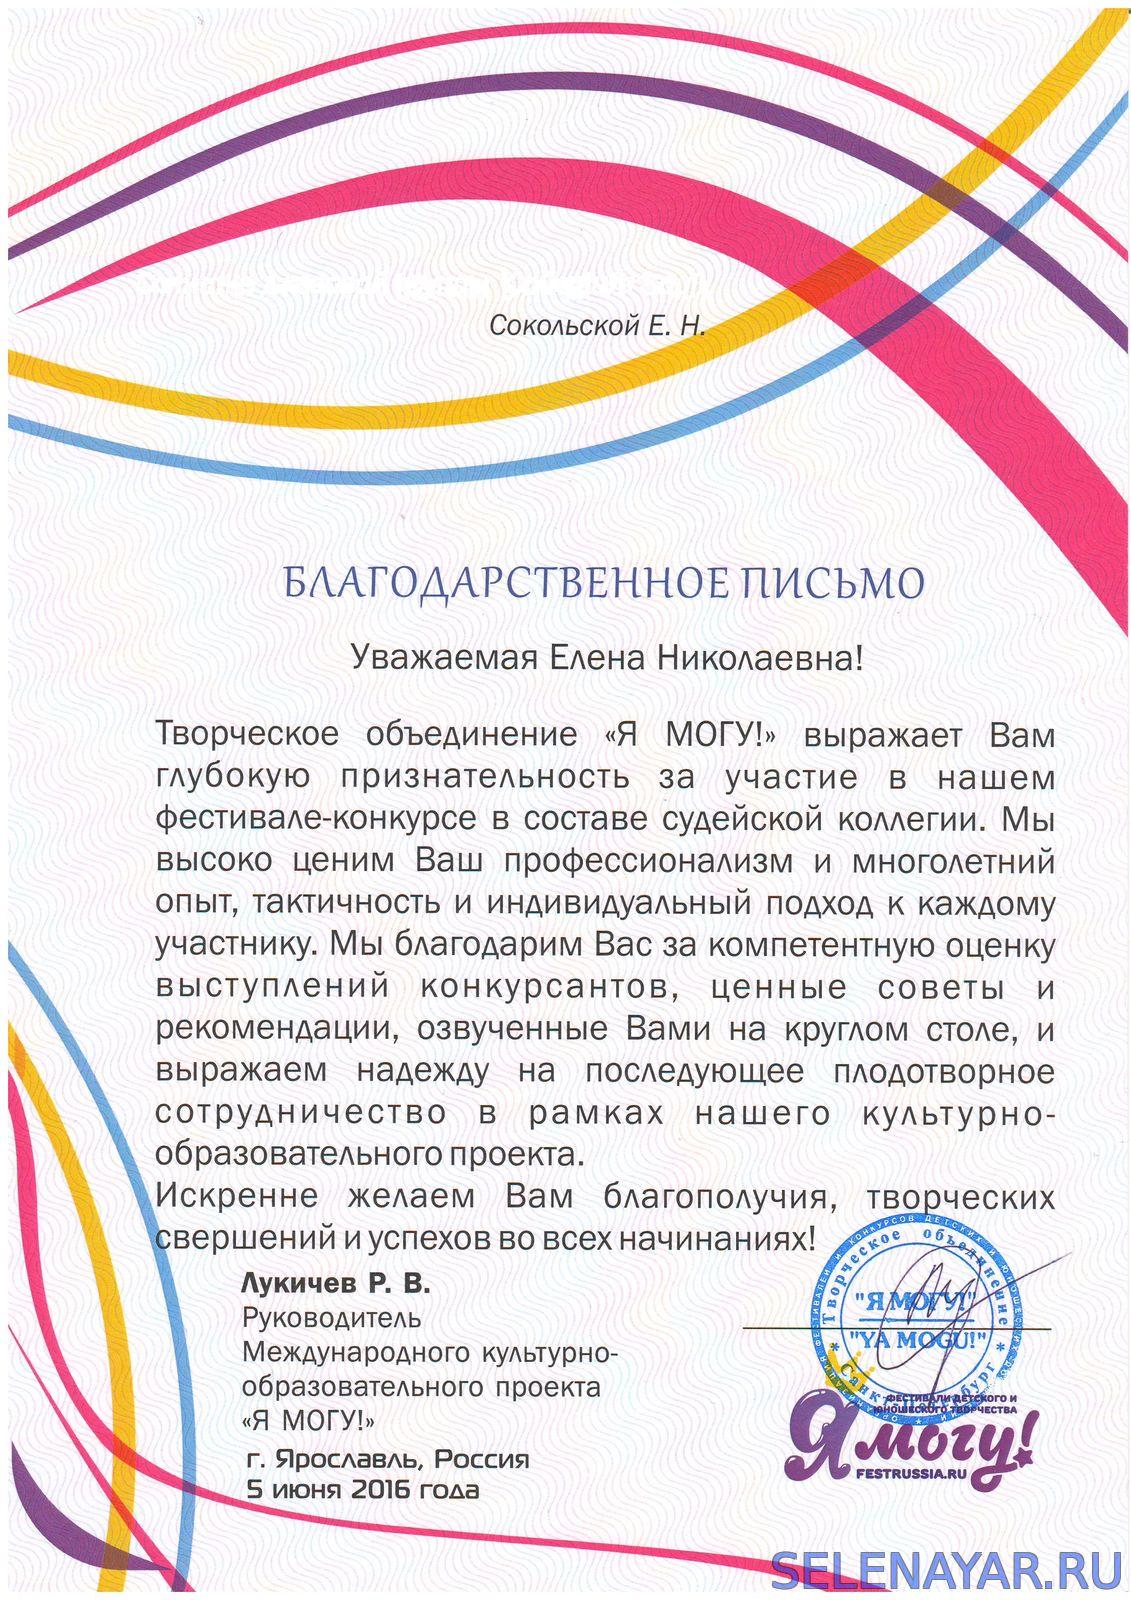 Благодарственное письмо Е. Сокольской от Я - могу